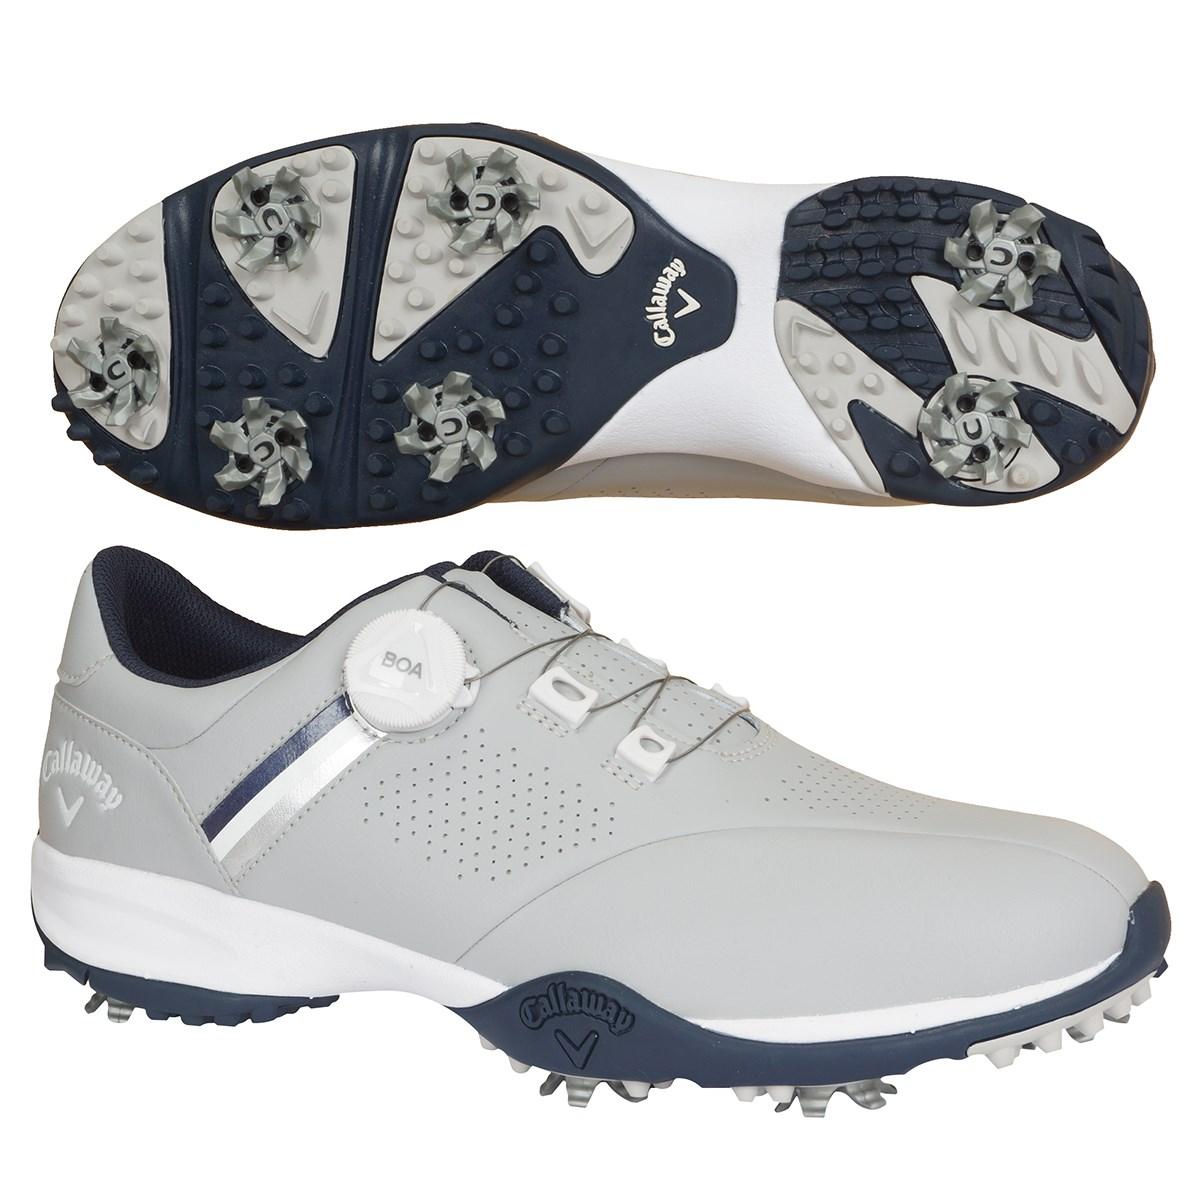 キャロウェイゴルフ Callaway Golf AEROSPORT BOA 20 ゴルフシューズ 24.5cm グレー 020